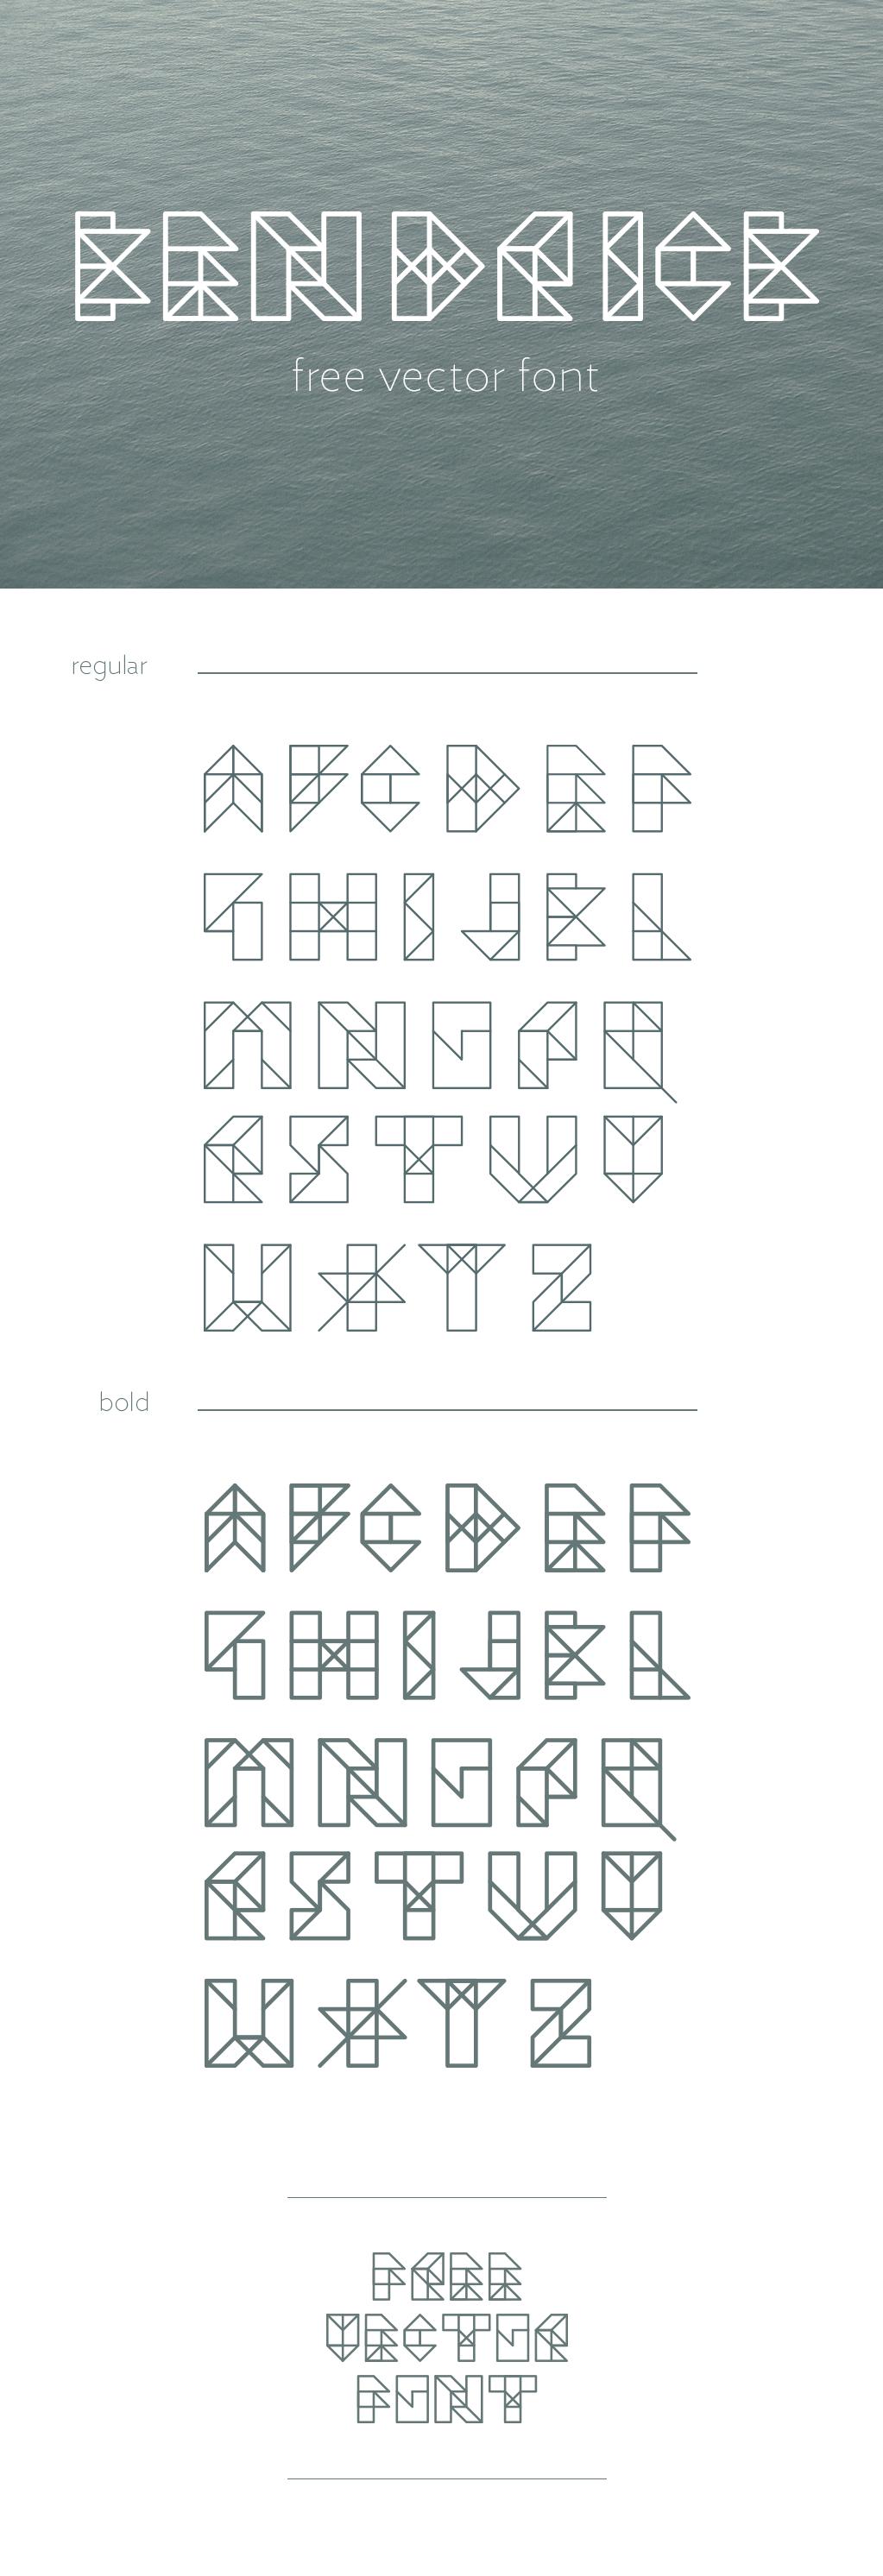 kendrick font